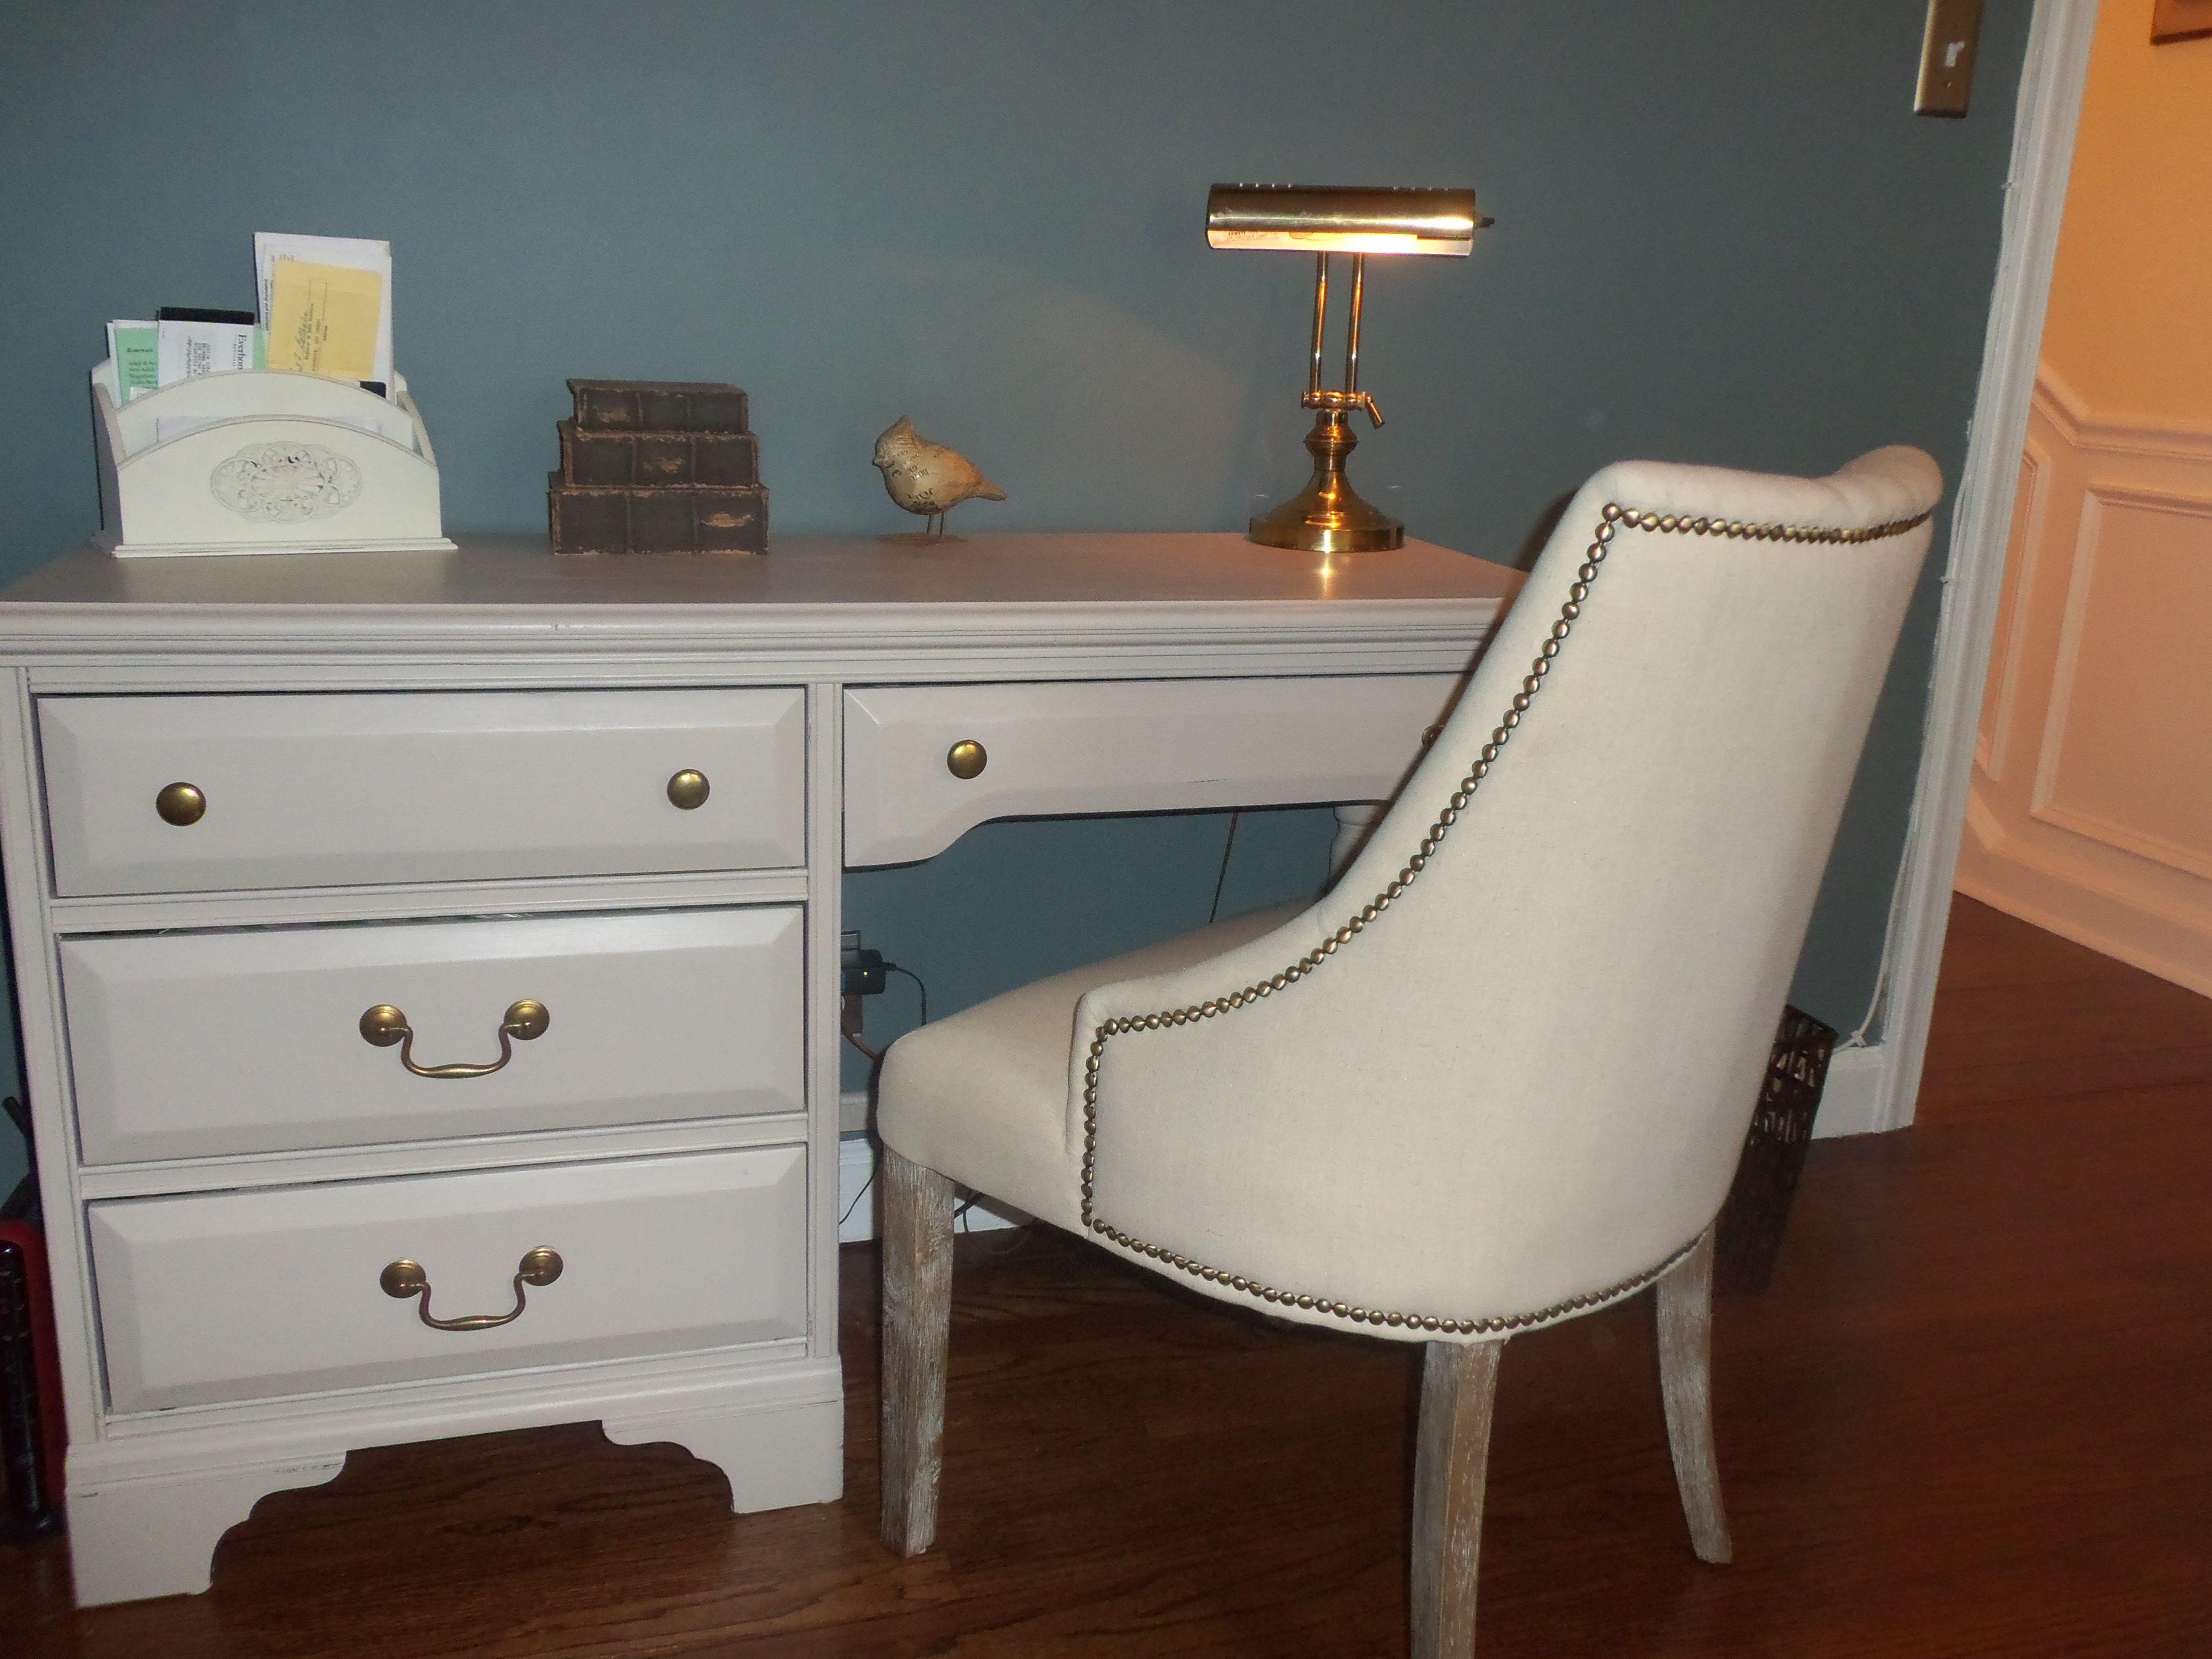 Refurbished desk & studded chair